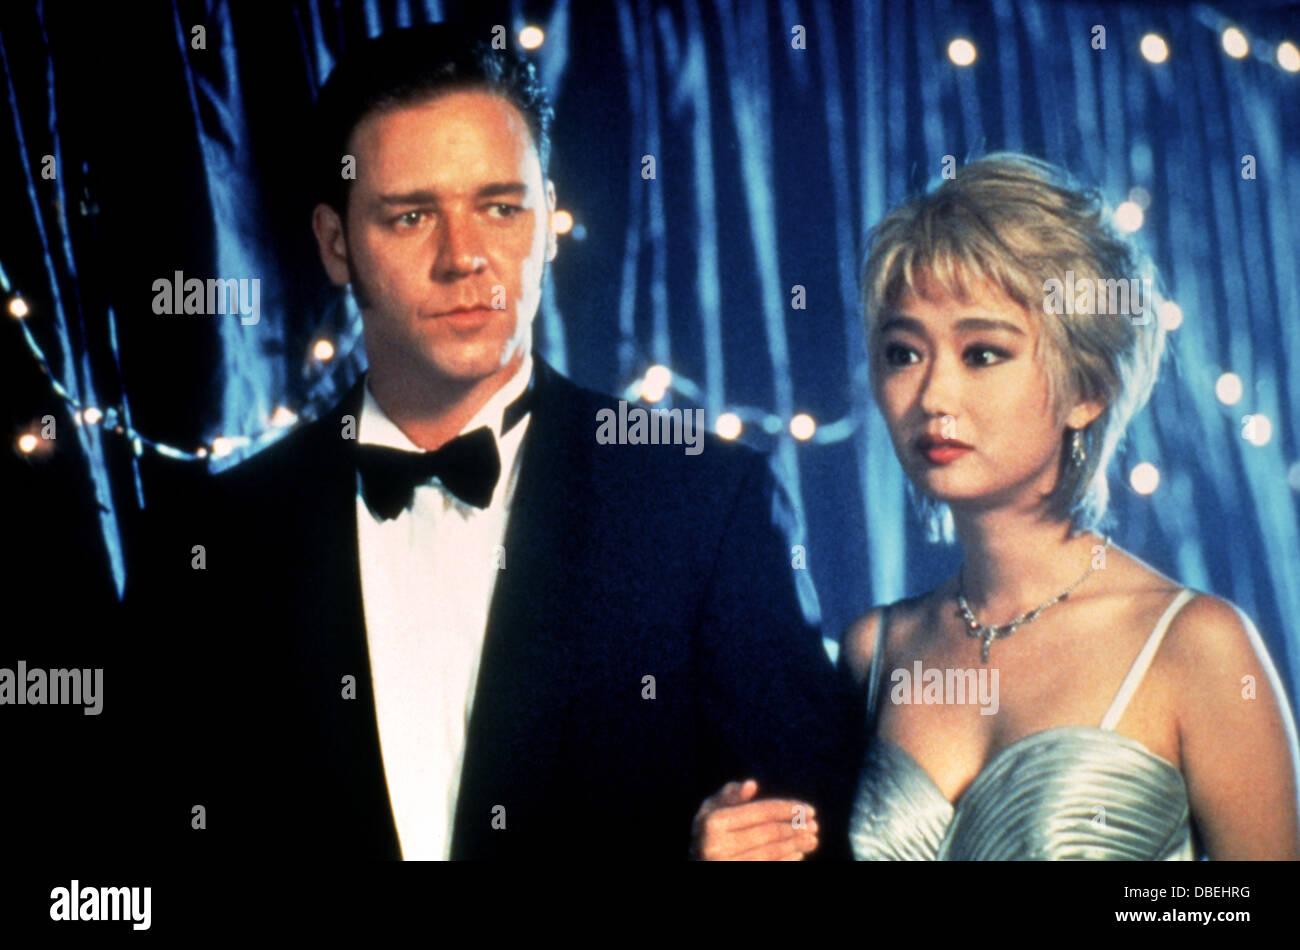 Cieli masterizzazione (1997) Russell Crowe, youki kudoh, craig lahiff (dir), EB 003 collezione moviestore ltd Immagini Stock